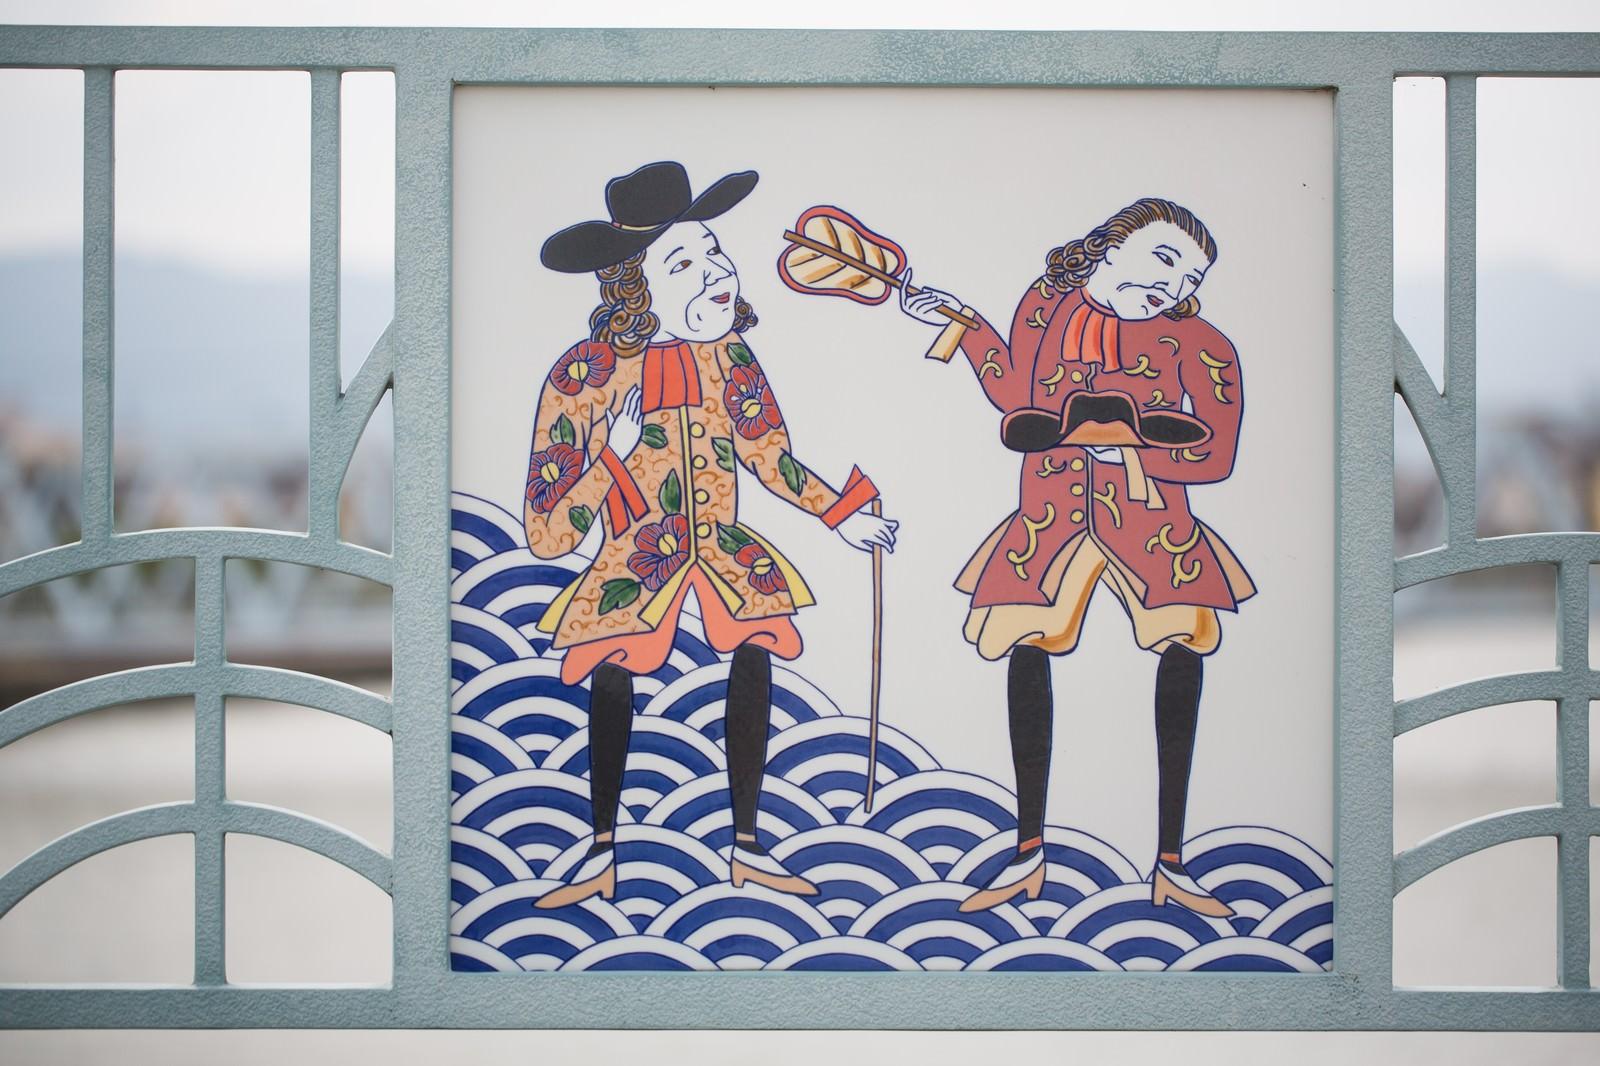 「伊万里市相生橋に描かれた外交(オランダ)の絵伊万里市相生橋に描かれた外交(オランダ)の絵」のフリー写真素材を拡大